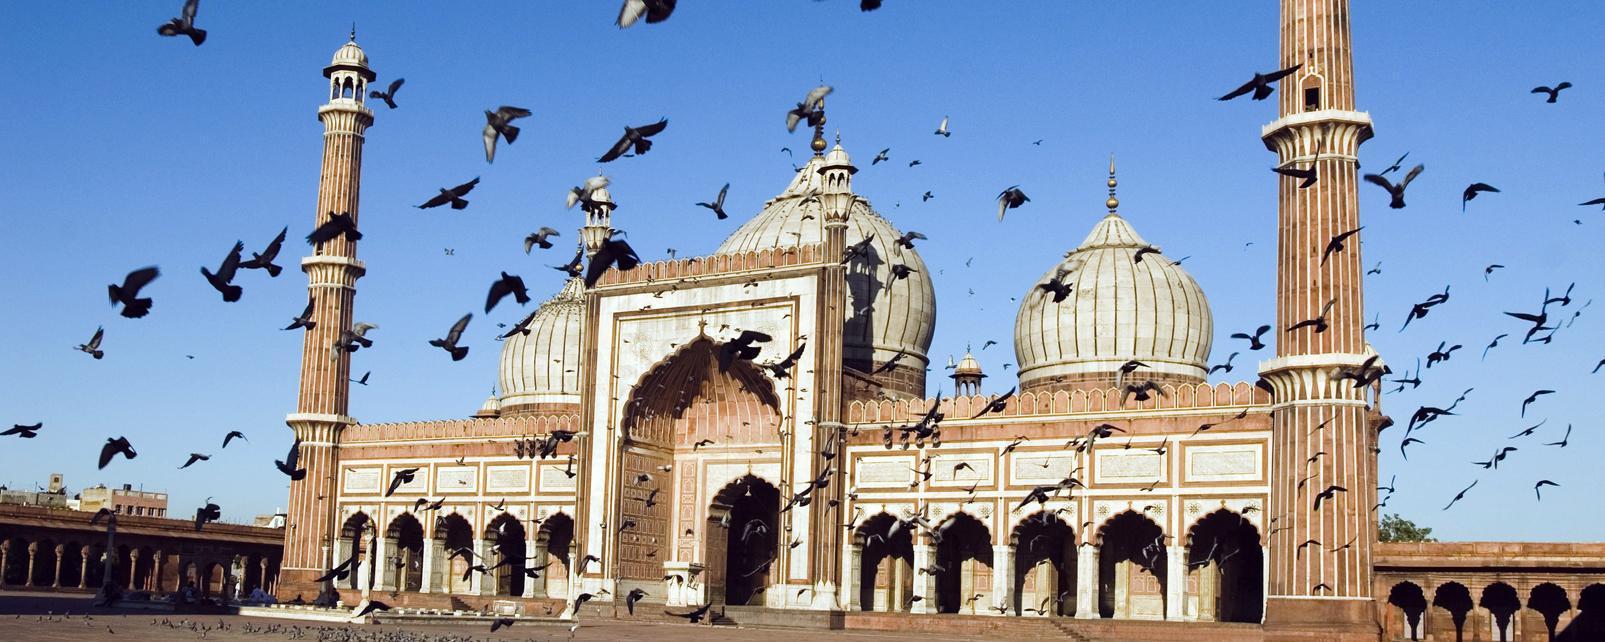 Tiempo en nueva delhi india mejor poca para viajar easyviajar - Tiempo en pakistan ...